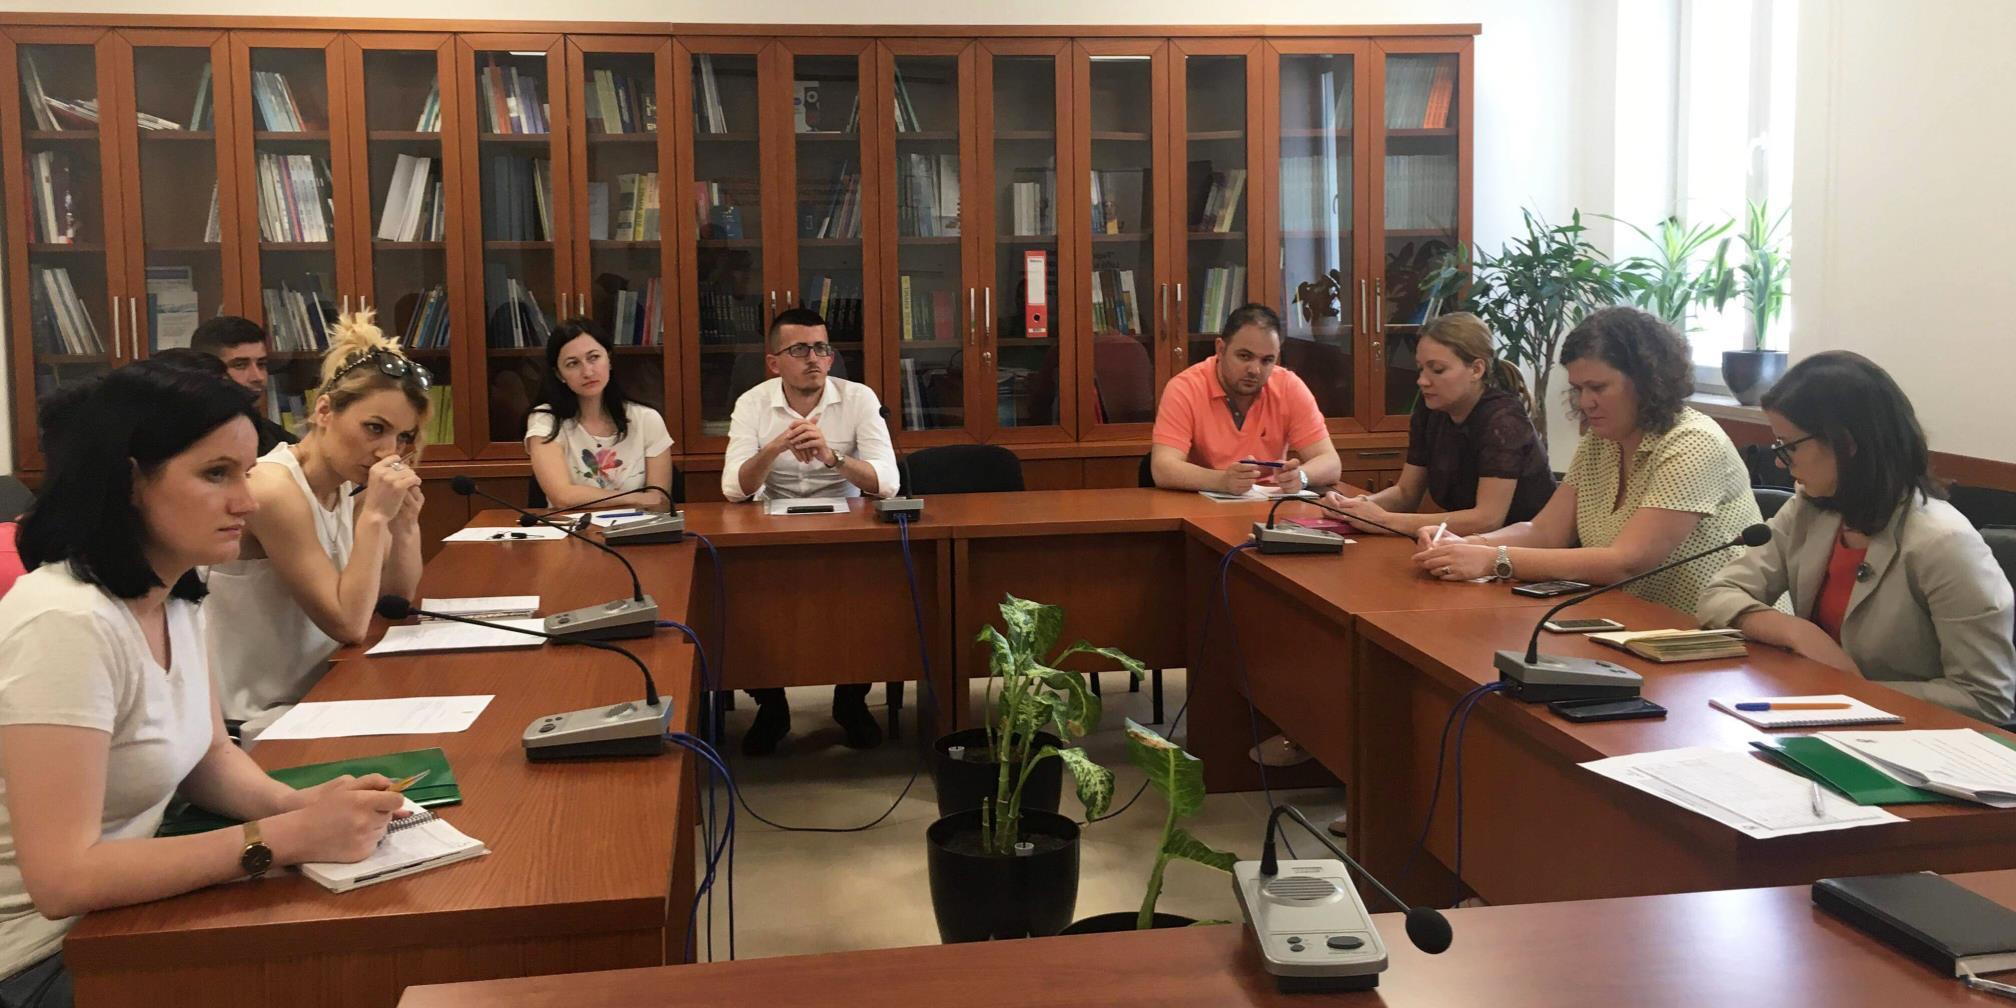 Bashkëpunimi me organizatat e shoqërisë civile në funksion të respektimit të të drejtave të individit